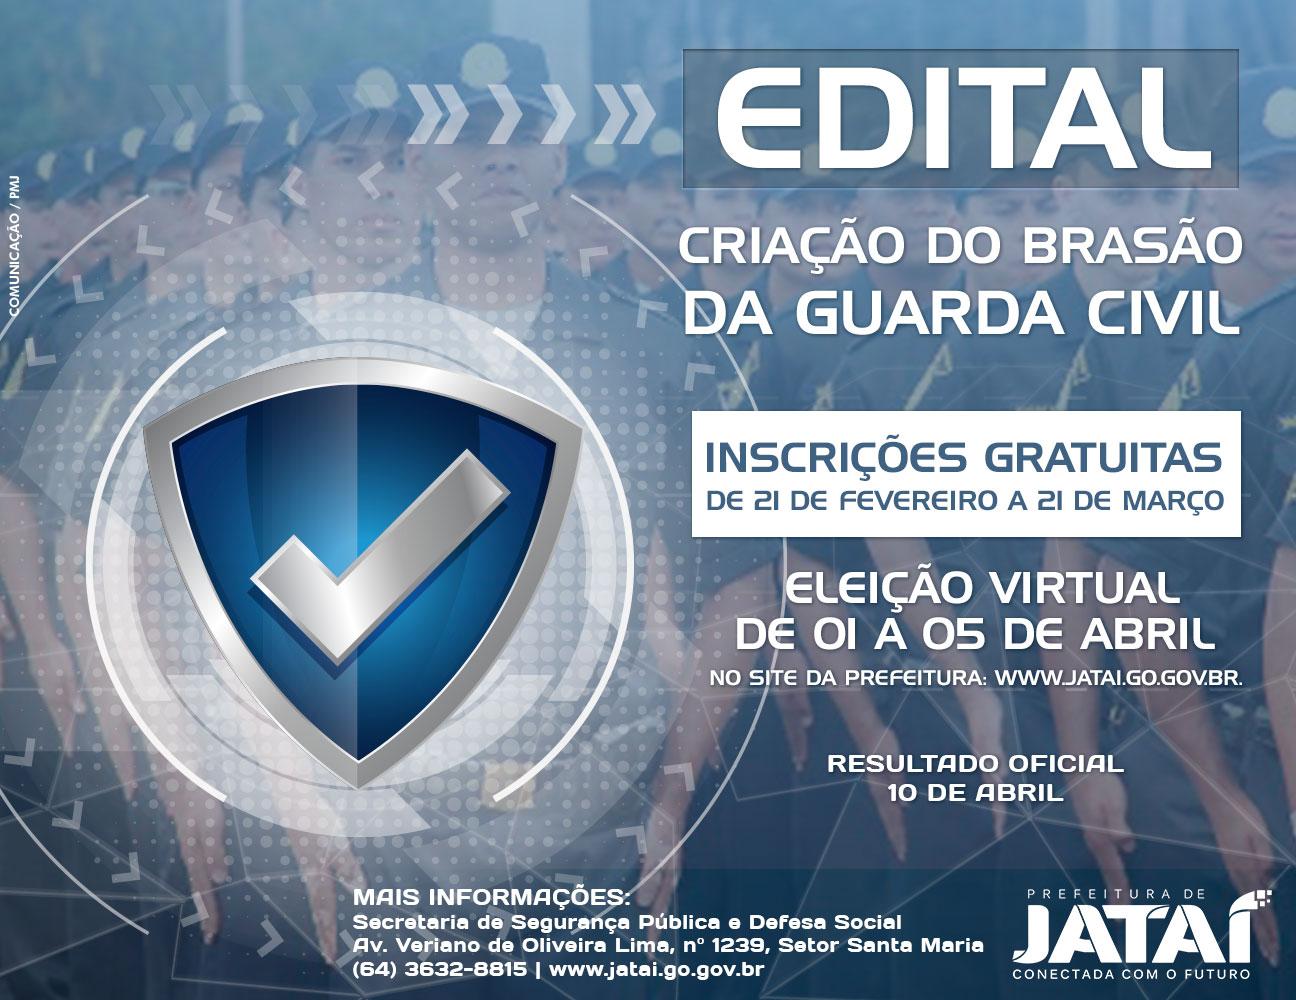 492d481c8 GUARDA CIVIL | Criação do brasão pela comunidade | Prefeitura de Jataí